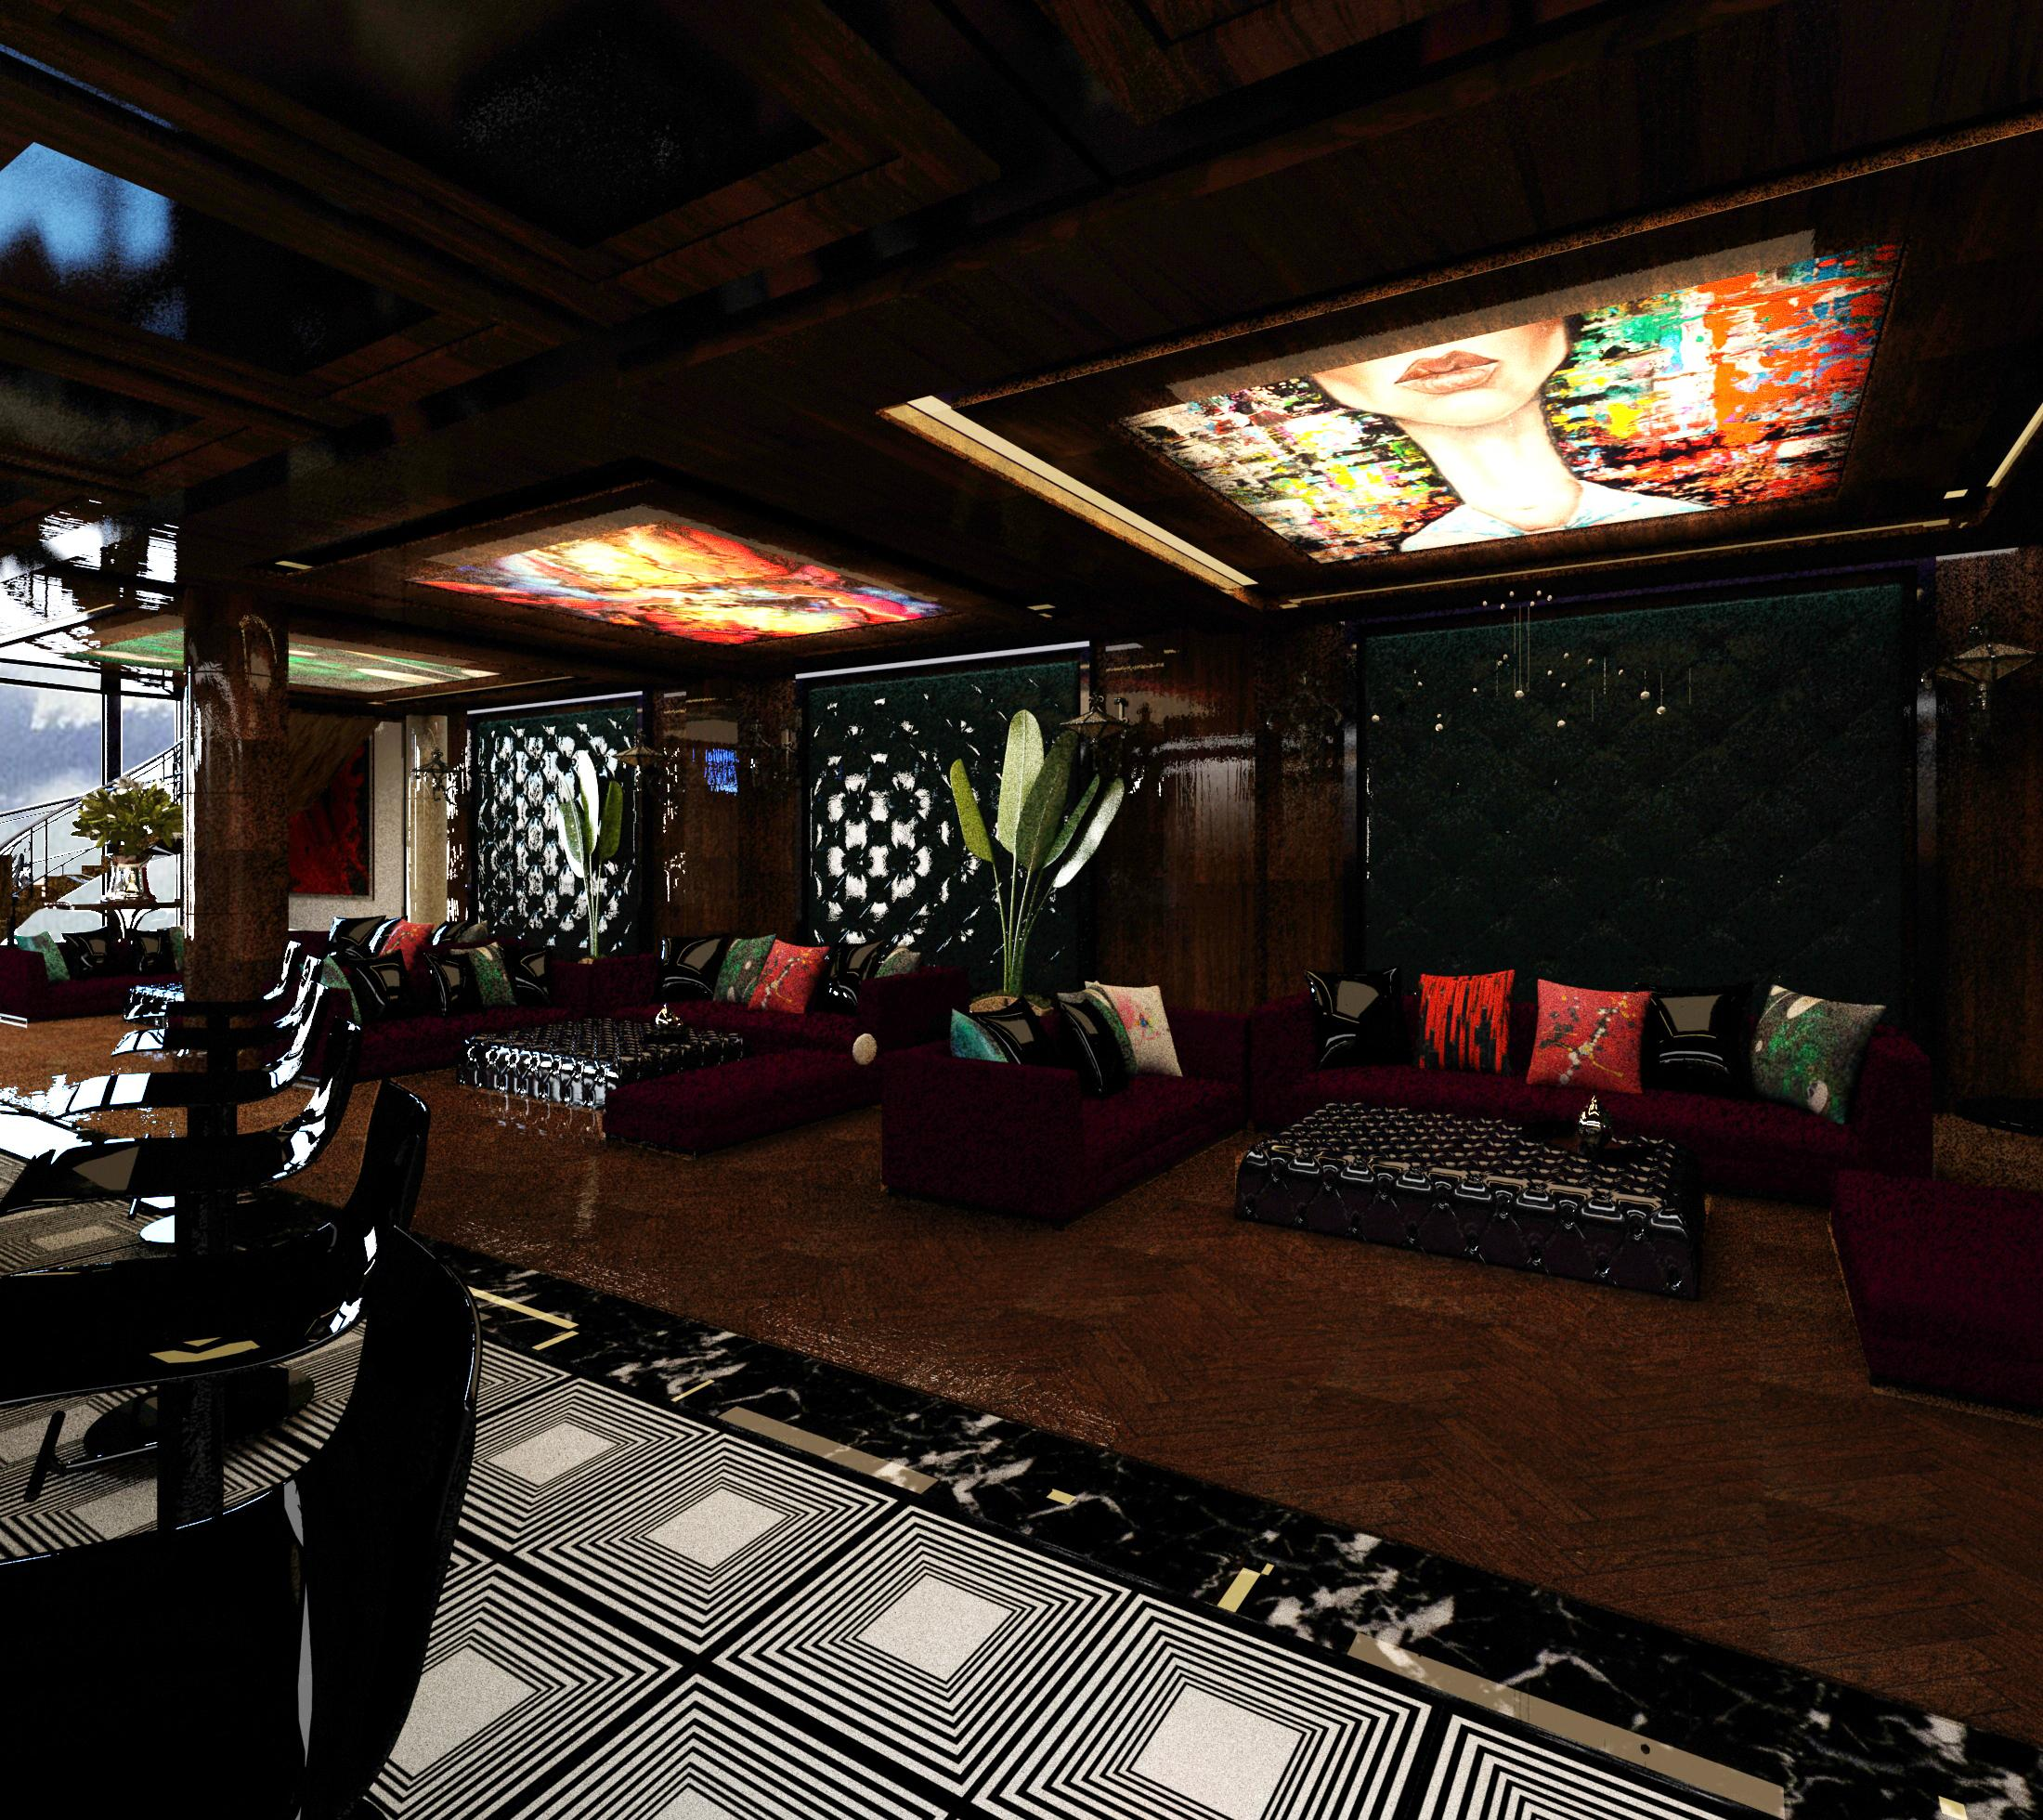 ruoyuan-zhu-the-womens-club-mfa-2_17022477643_o.jpg